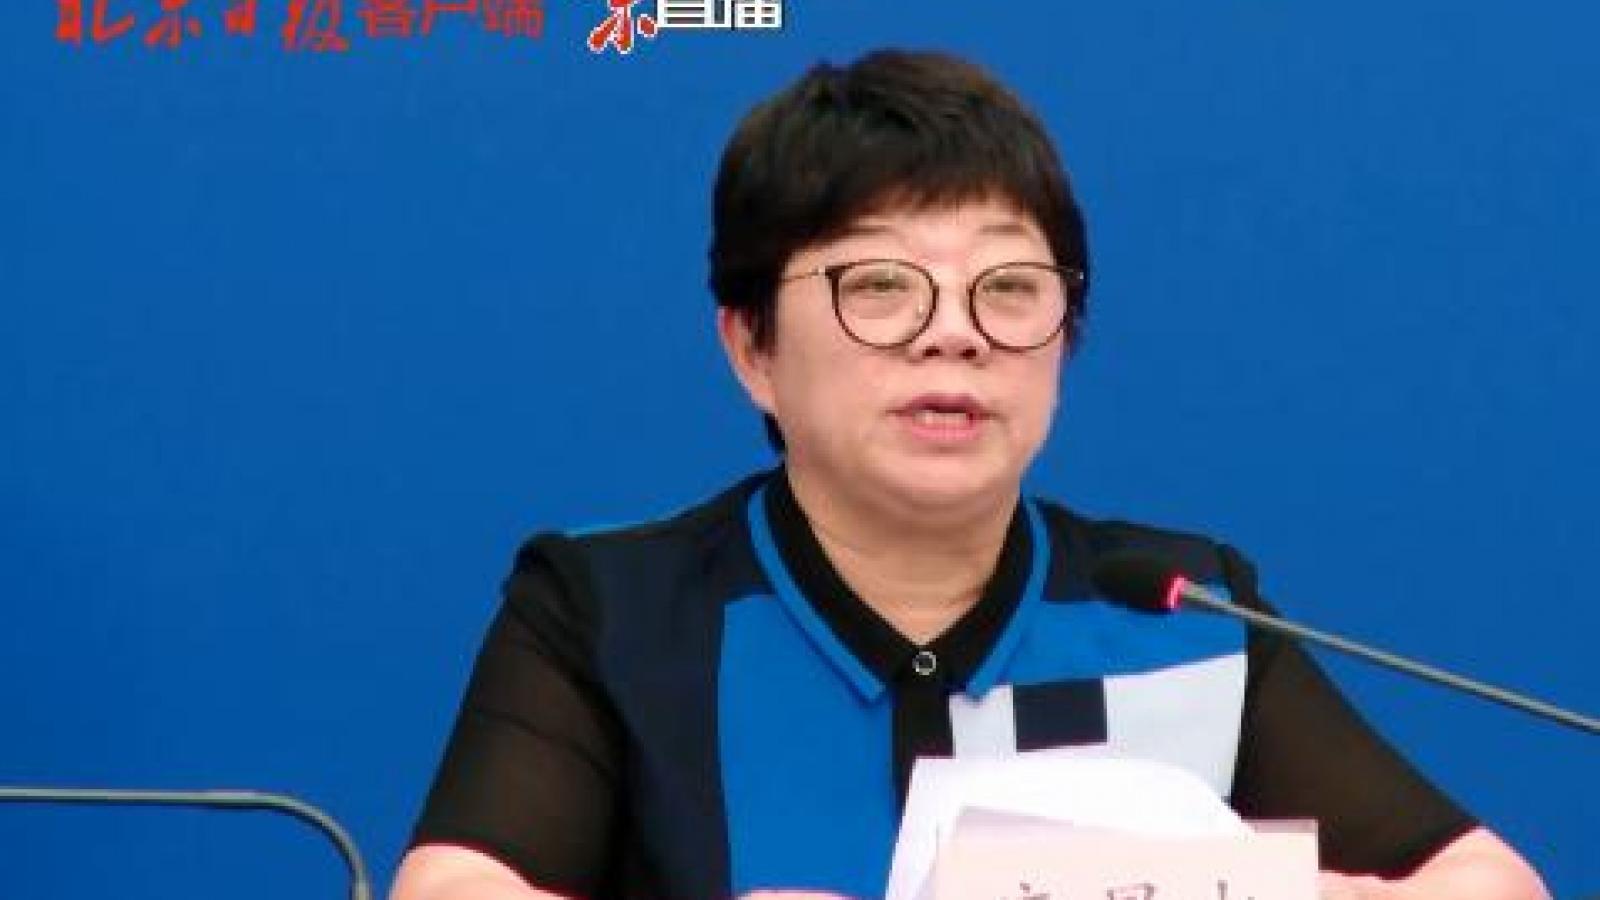 Bắc Kinh xuất hiện lại ca Covid-19 trong cộng đồng sau 56 ngày